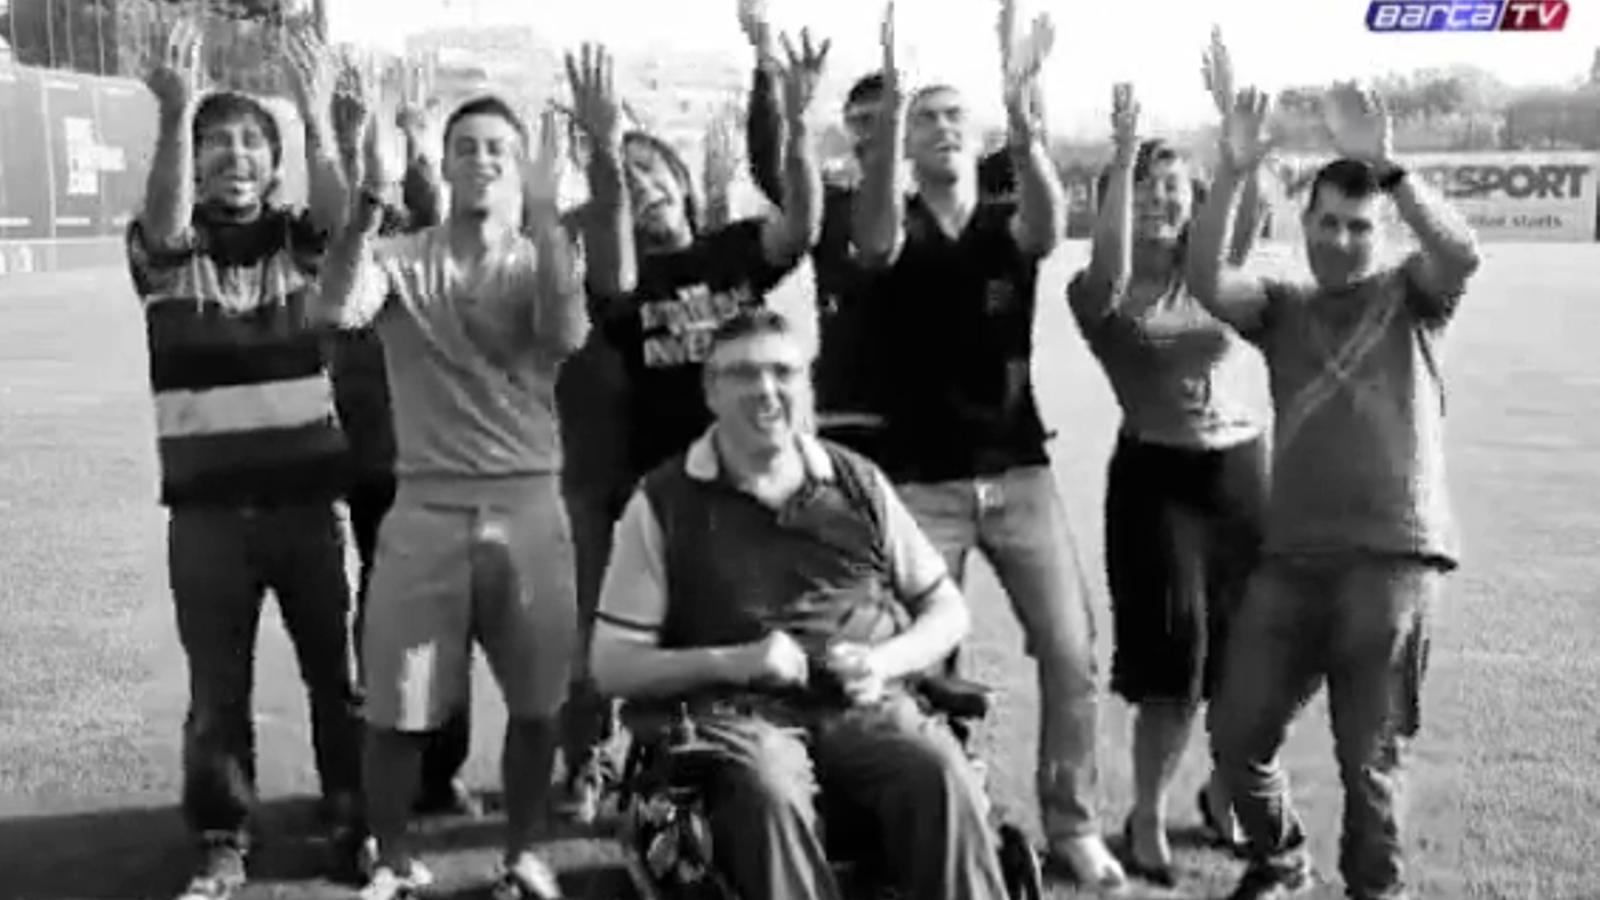 Thiago i Valdés en un videoclip benèfic a favor de l'esclerosi múltiple